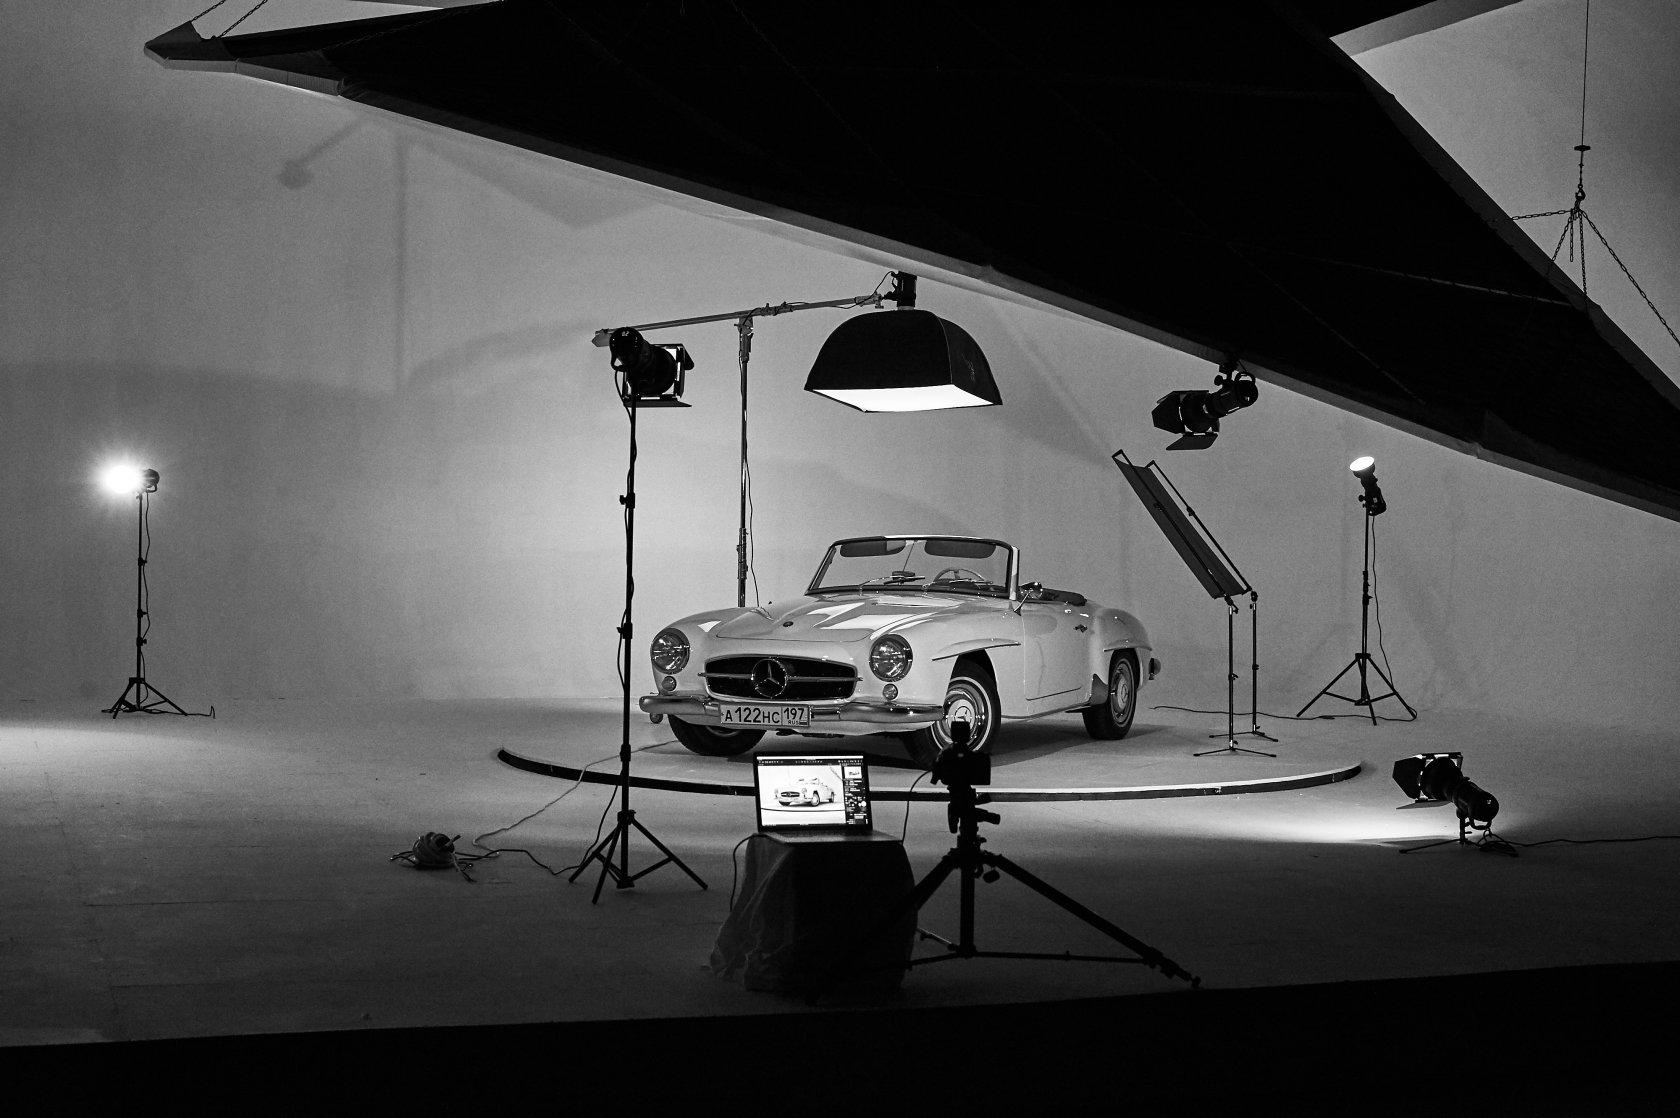 С какого ракурса лучше фотографировать машину